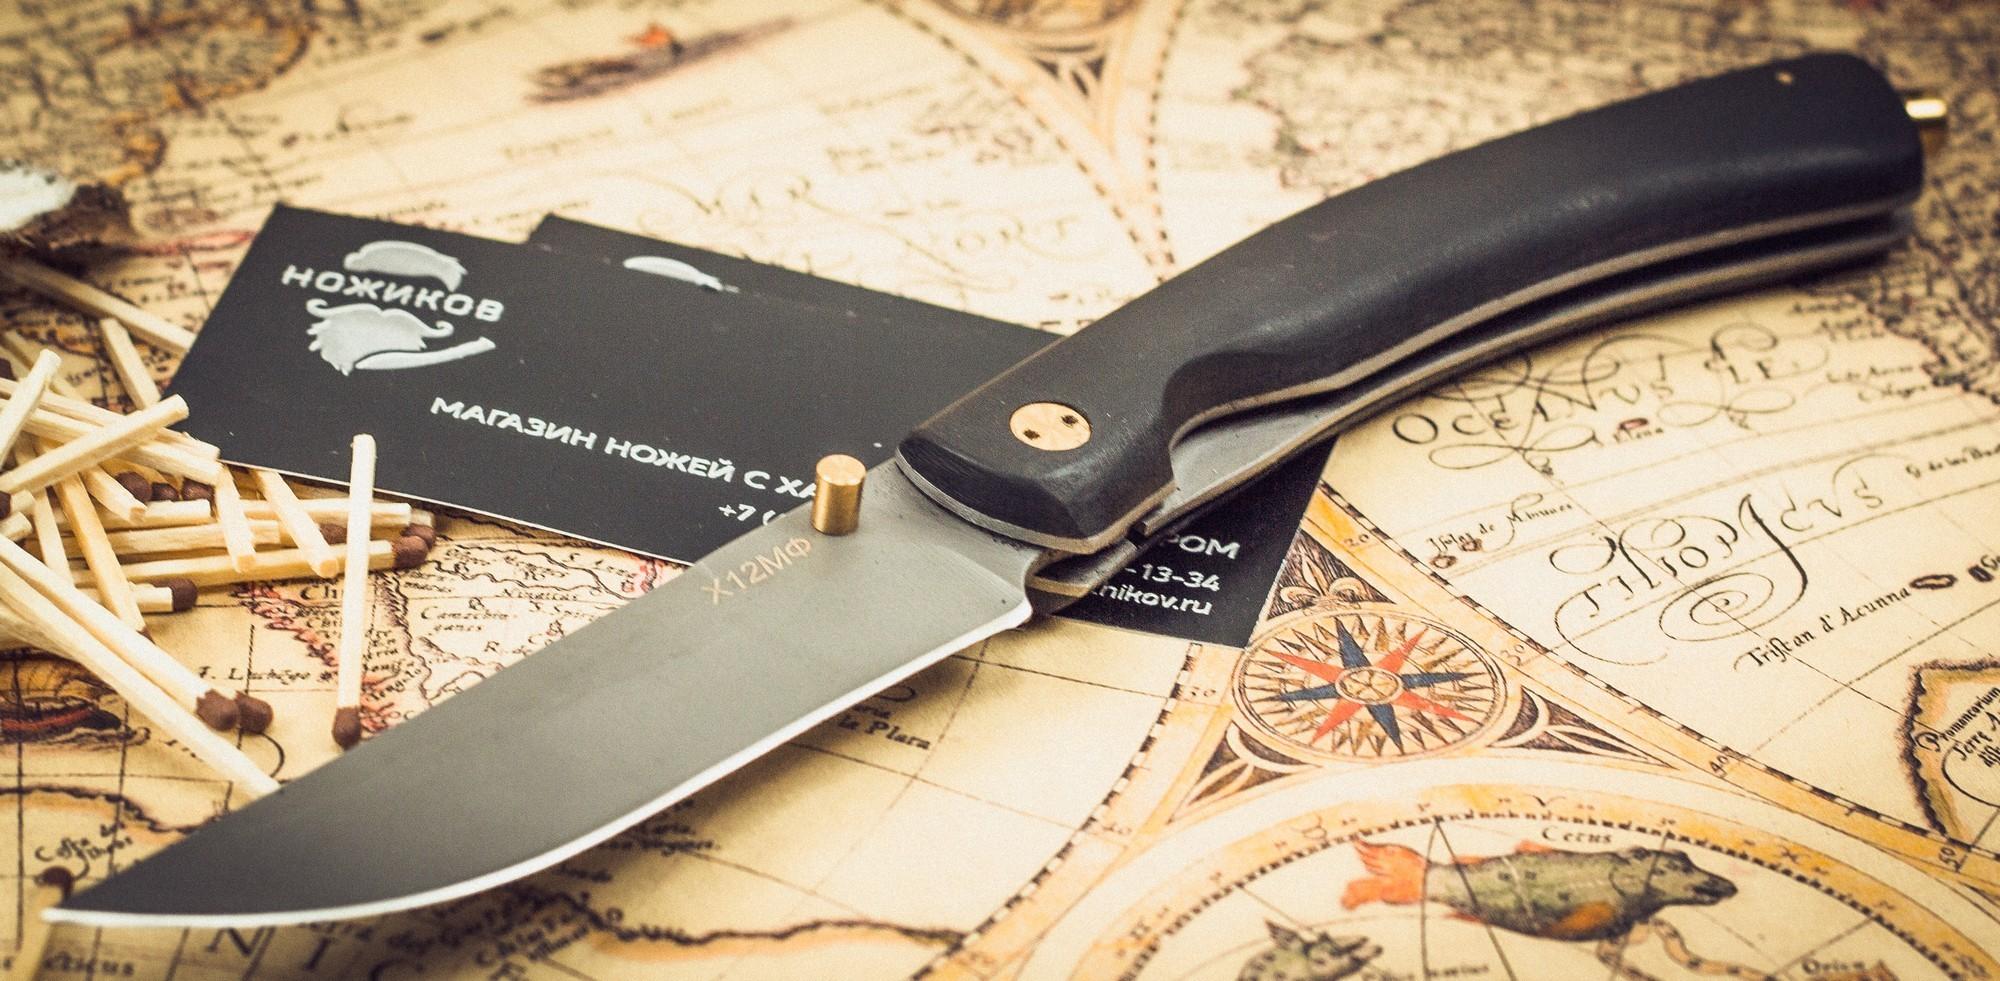 Фото 2 - Складной нож Кайрос, сталь Х12МФ, граб от Марычев